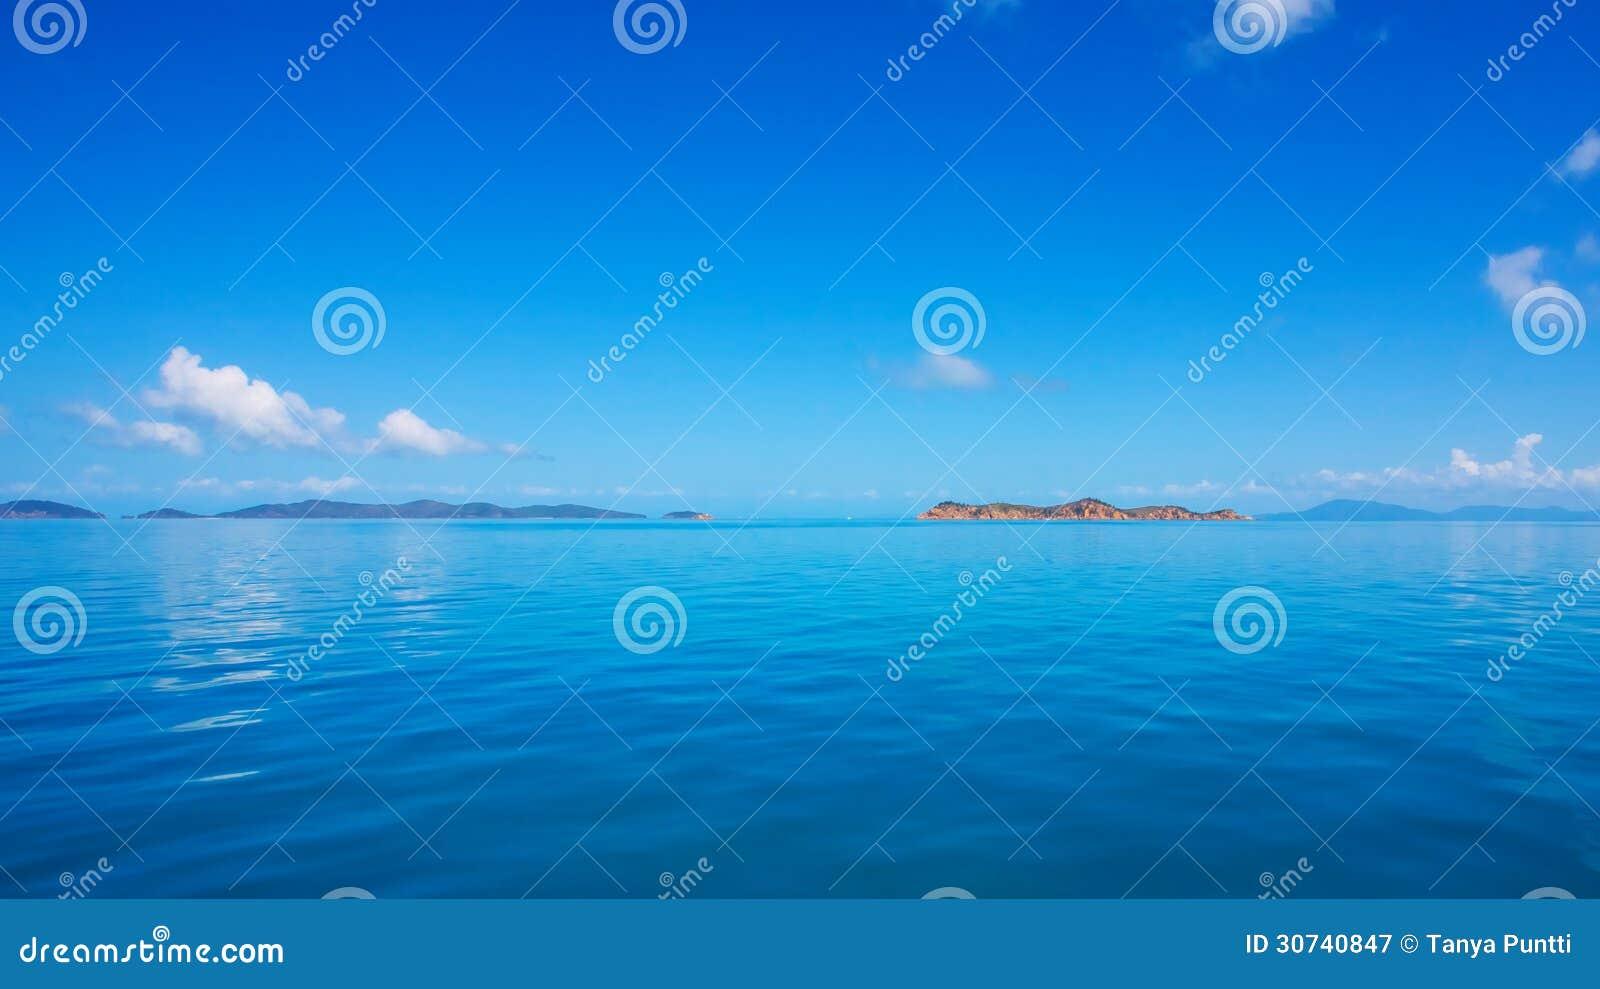 Calm sea, blue ocean sky and horizon